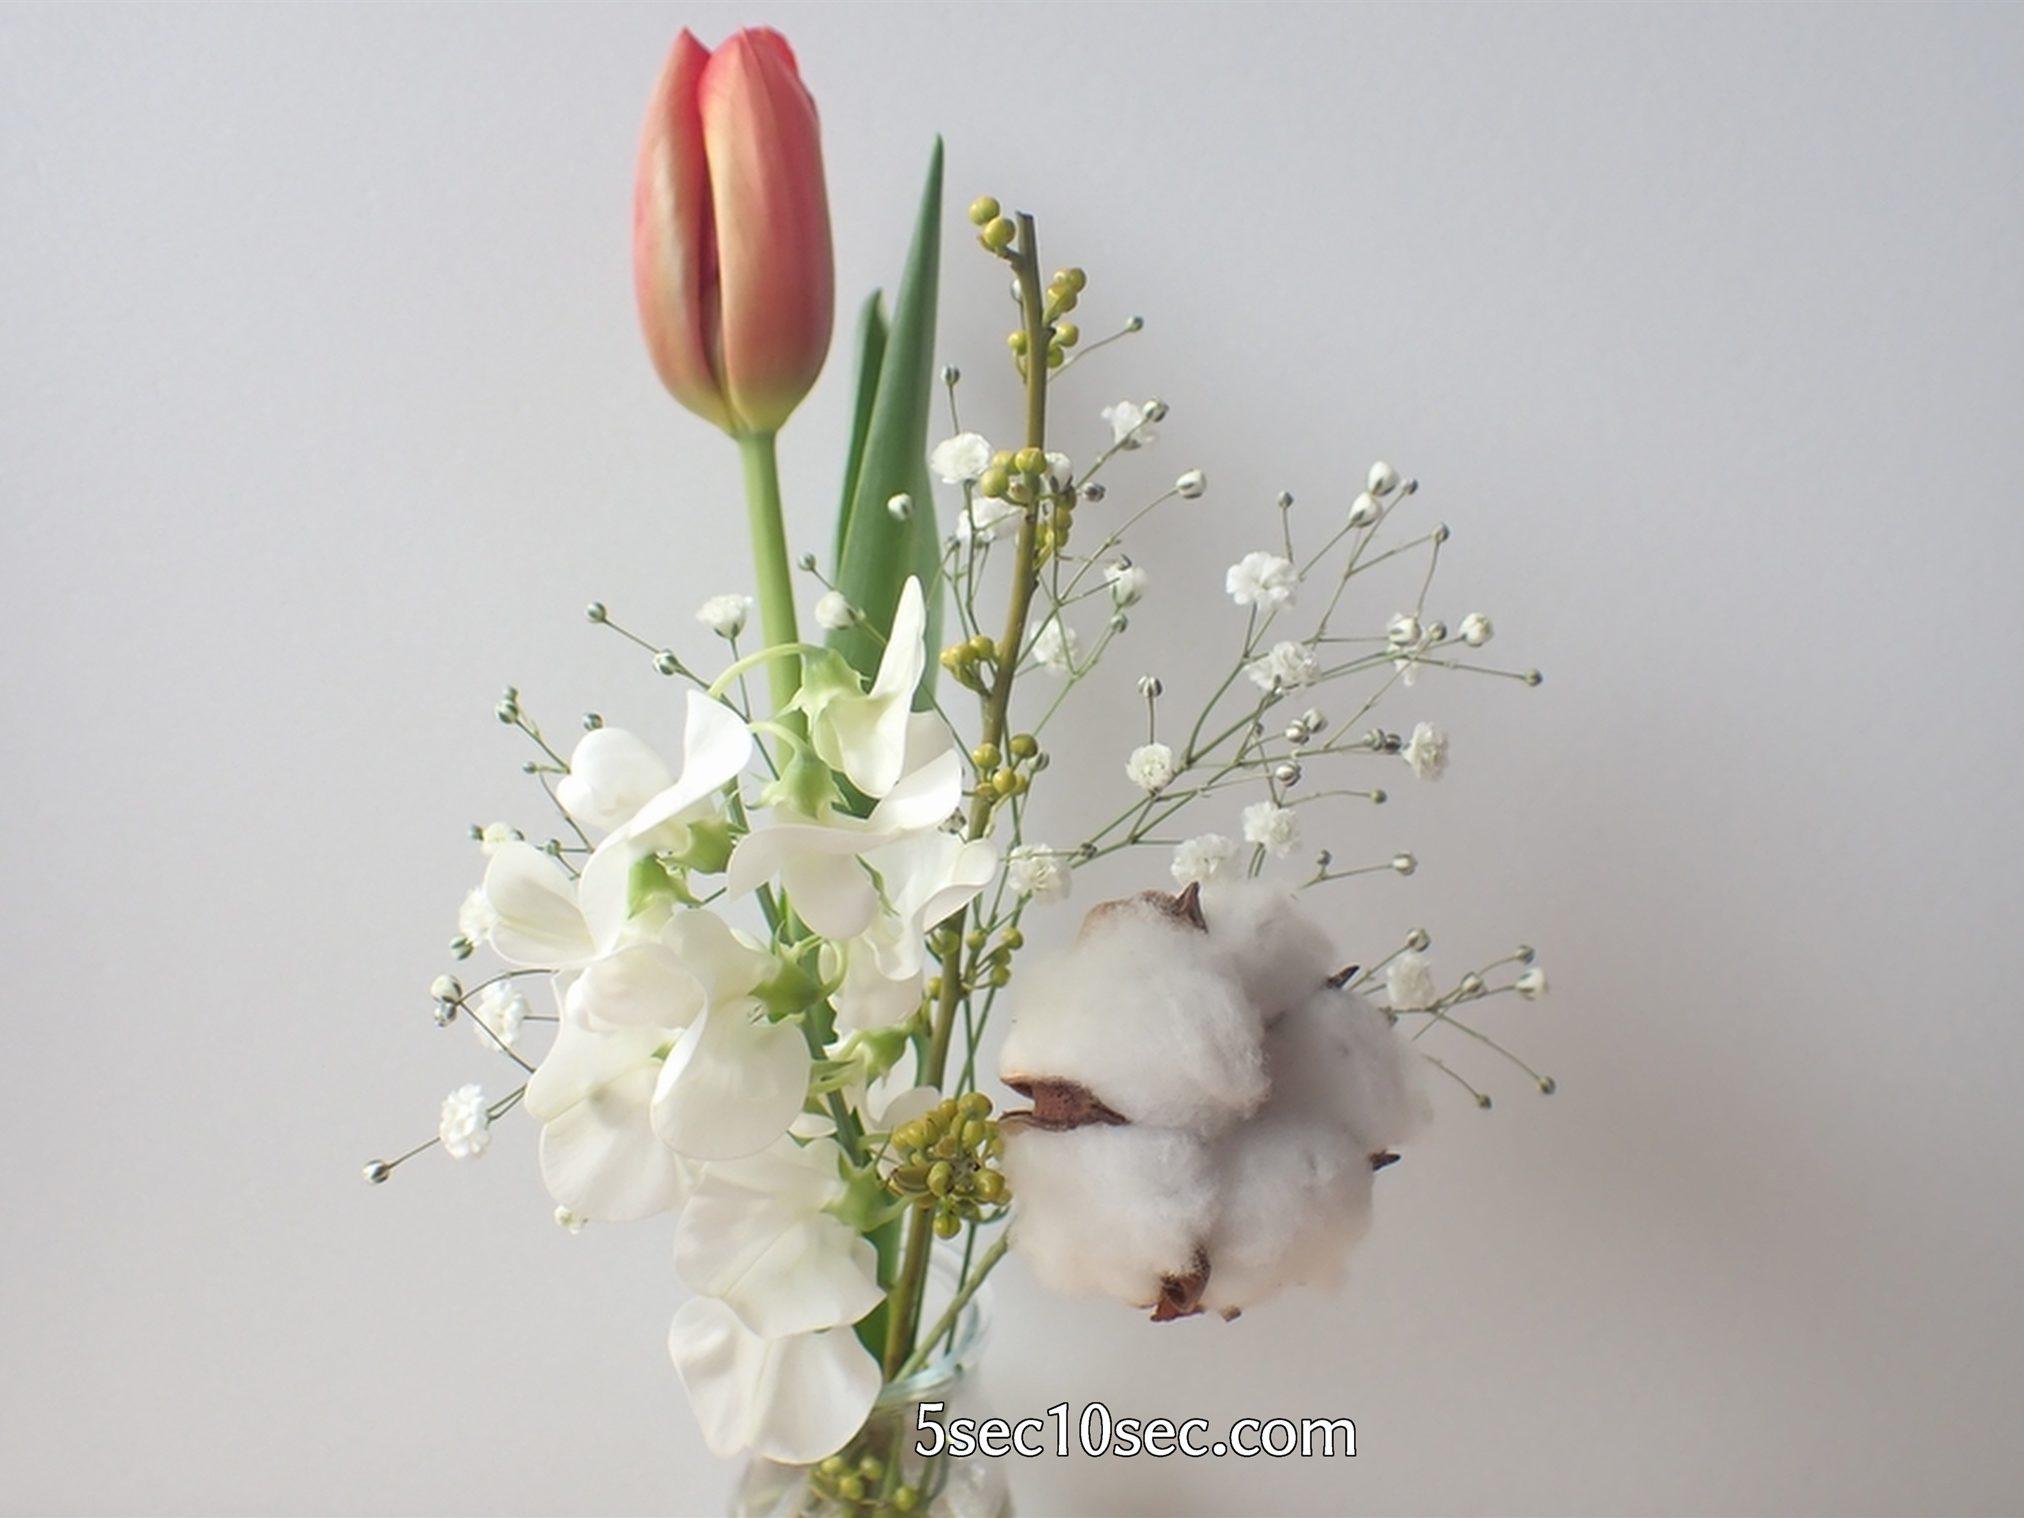 株式会社Crunch Style お花の定期便 Bloomee LIFE ブルーミーライフ 届いてからお手入れをして1日休ませたお花の状態